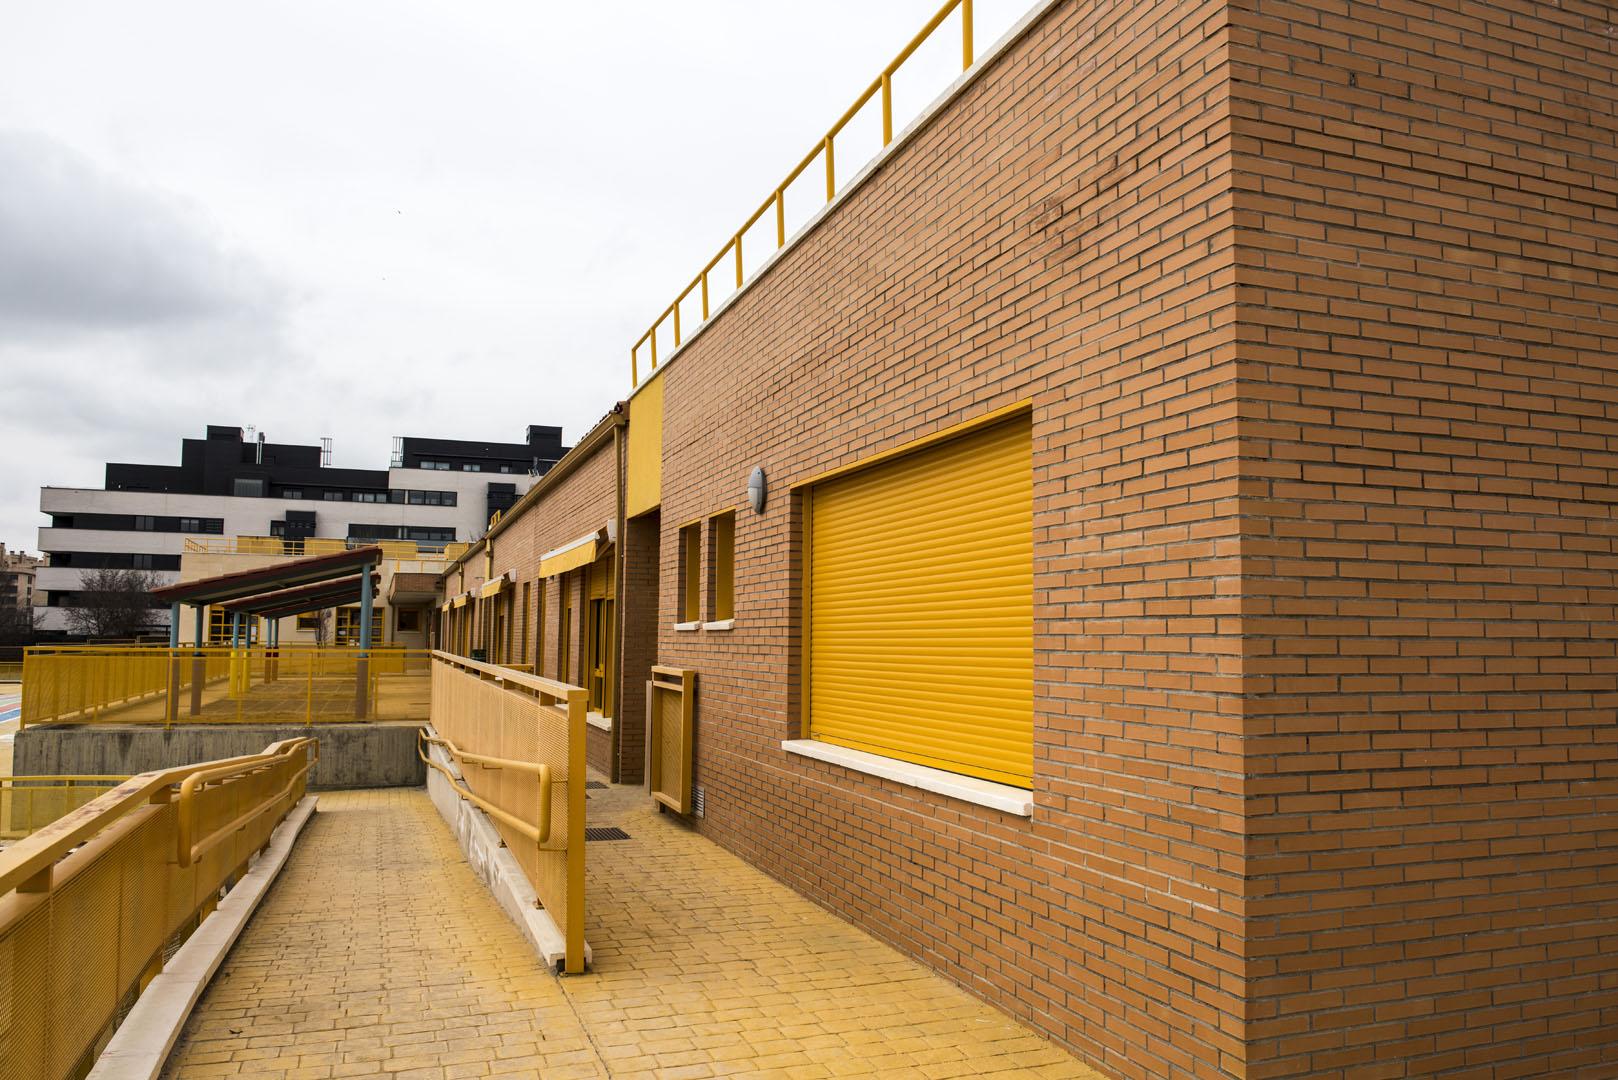 http://www.colegiotempranales.com/images/tempranales/centro/galeria/EdificioInfantil10.jpg